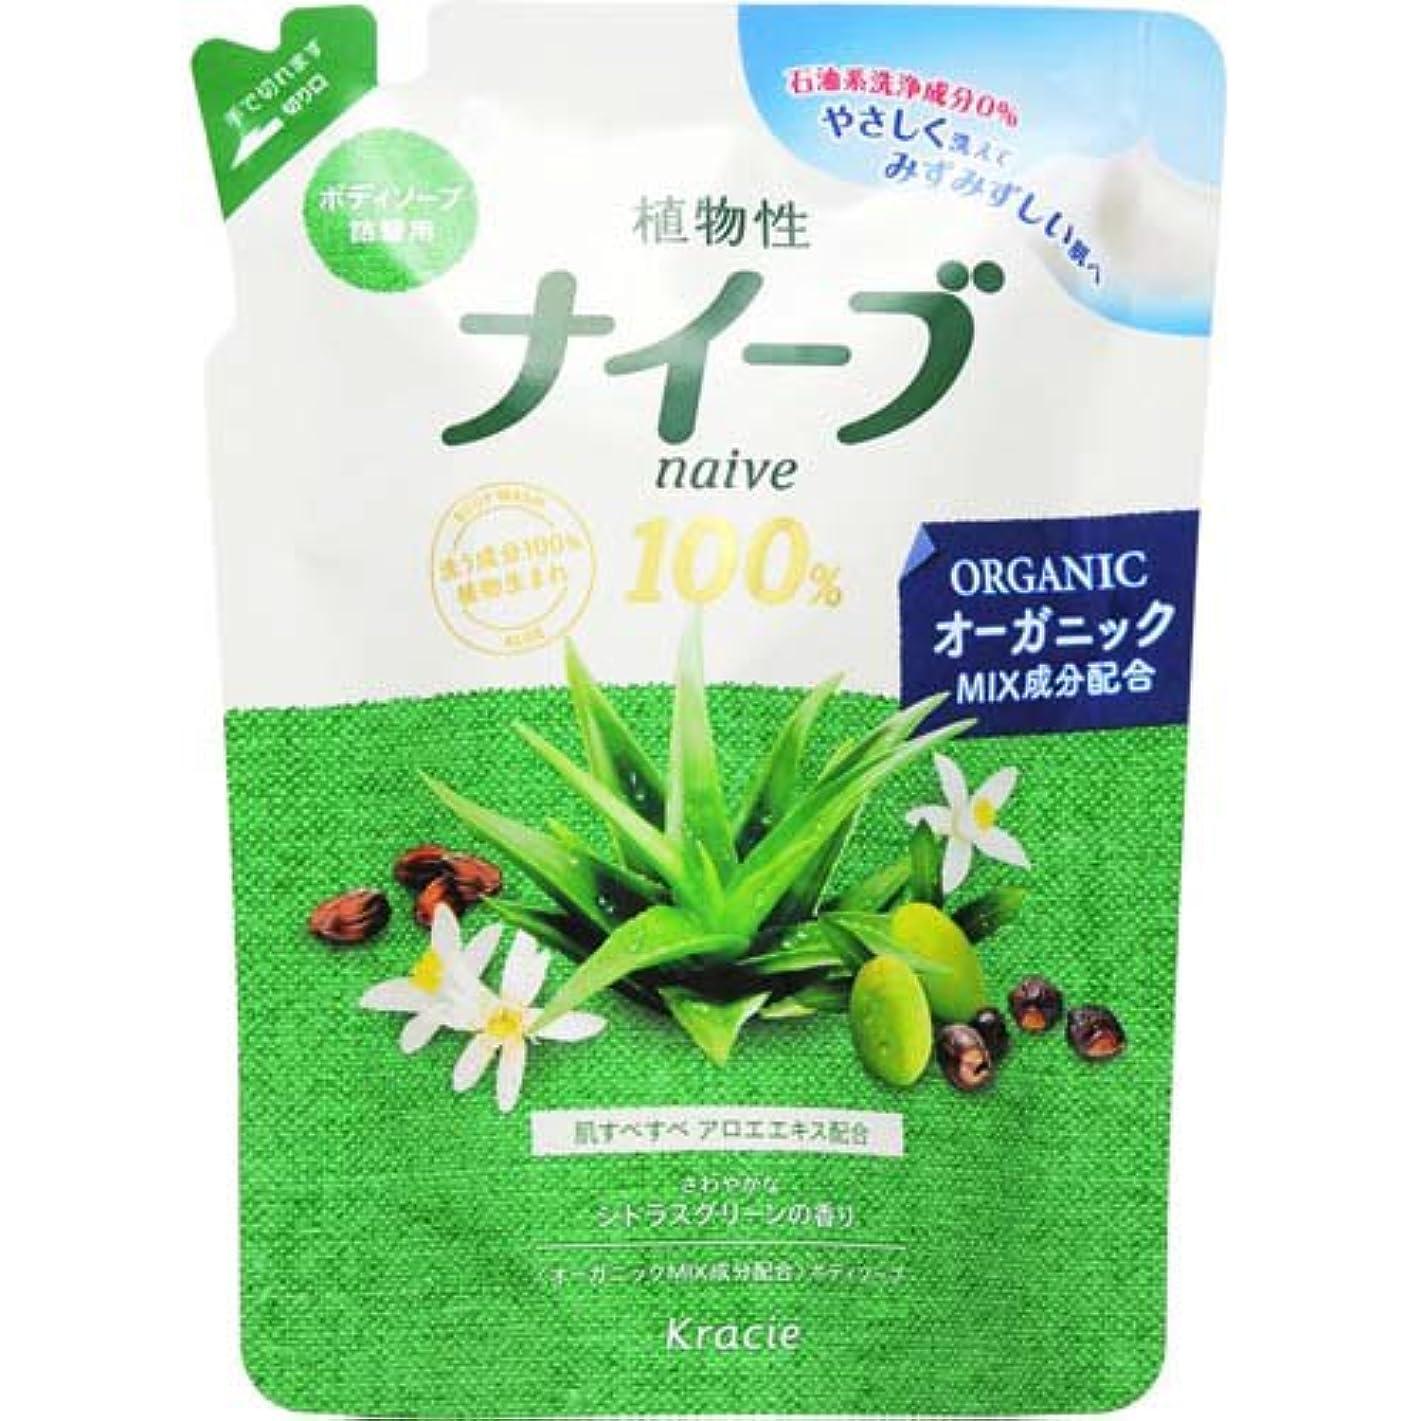 乳製品ハンディ当社ナイーブ ボディソープ アロエエキス配合 詰替用 400ml